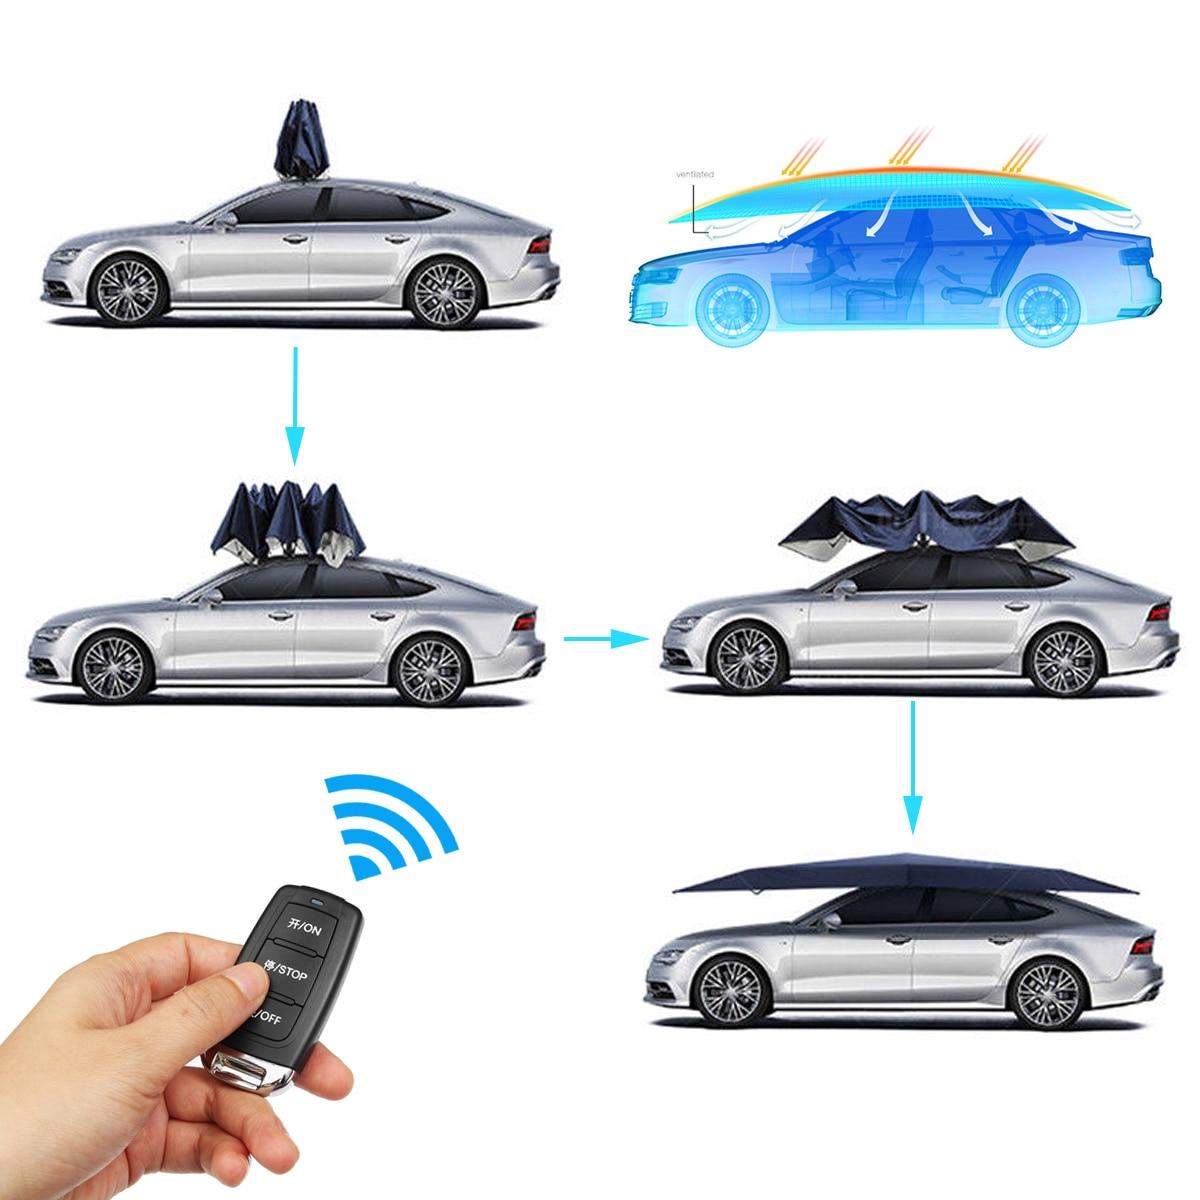 แบบพกพาอัตโนมัติรถร่มรถกลางแจ้งเต็นท์หลังคา UV ชุดป้องกันดวงอาทิตย์ Shade ด้วยรีโมทคอนโทรล-ใน ผ้าคลุมรถ จาก รถยนต์และรถจักรยานยนต์ บน title=